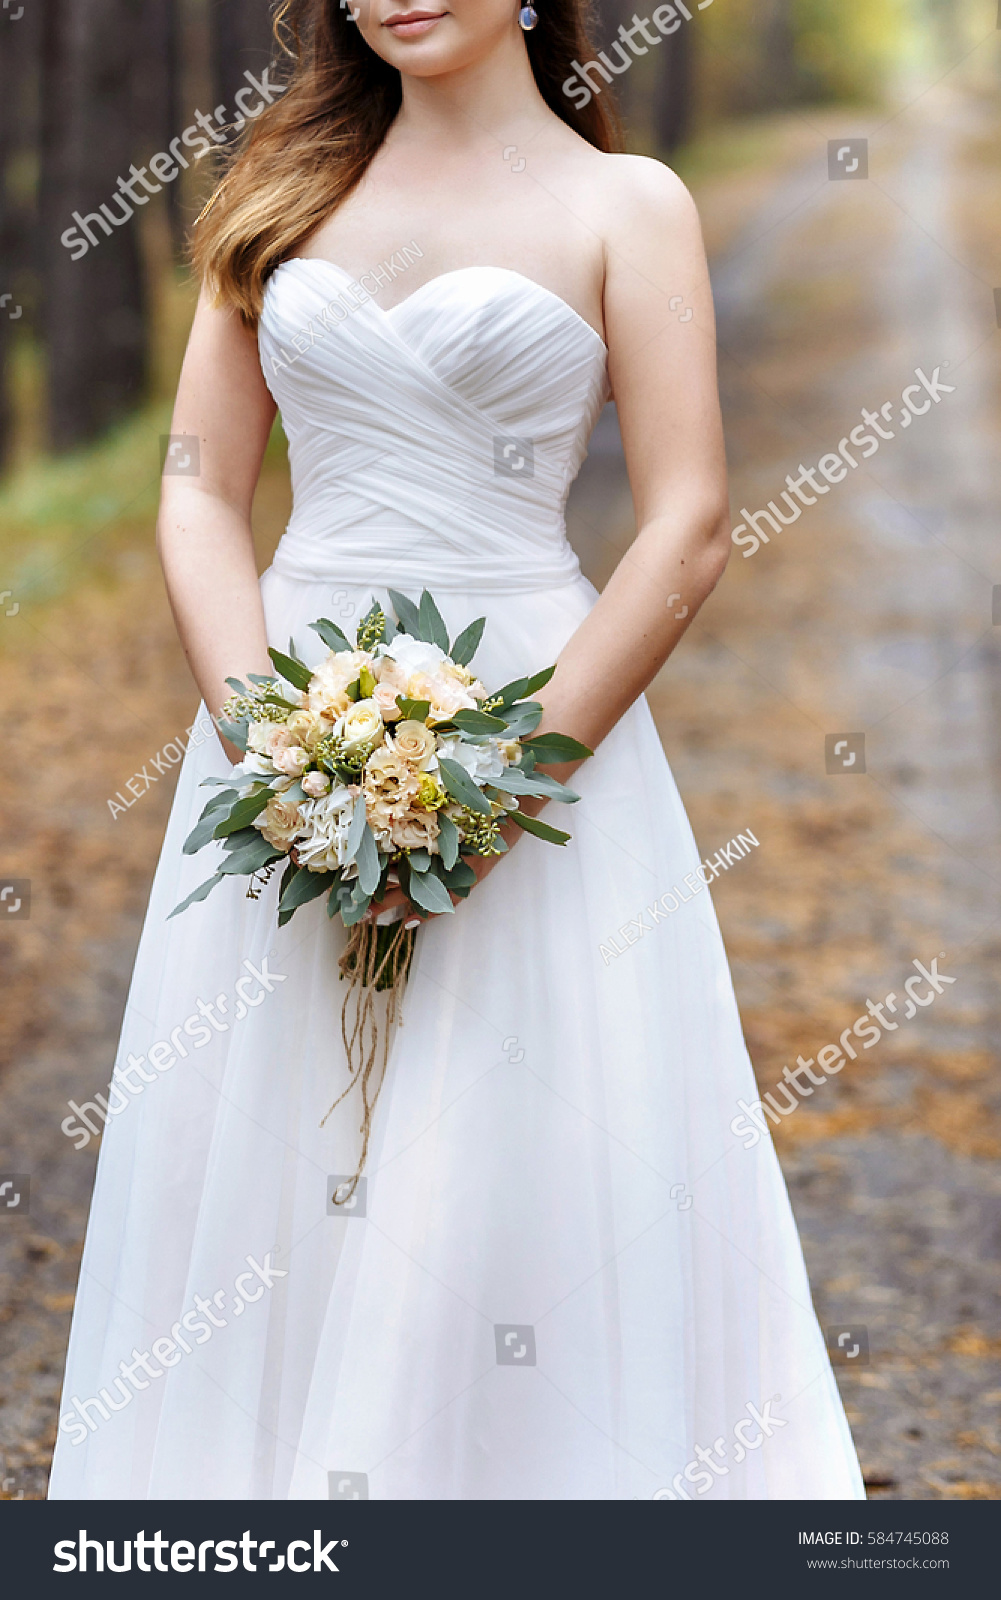 HER bride road Löcher hast